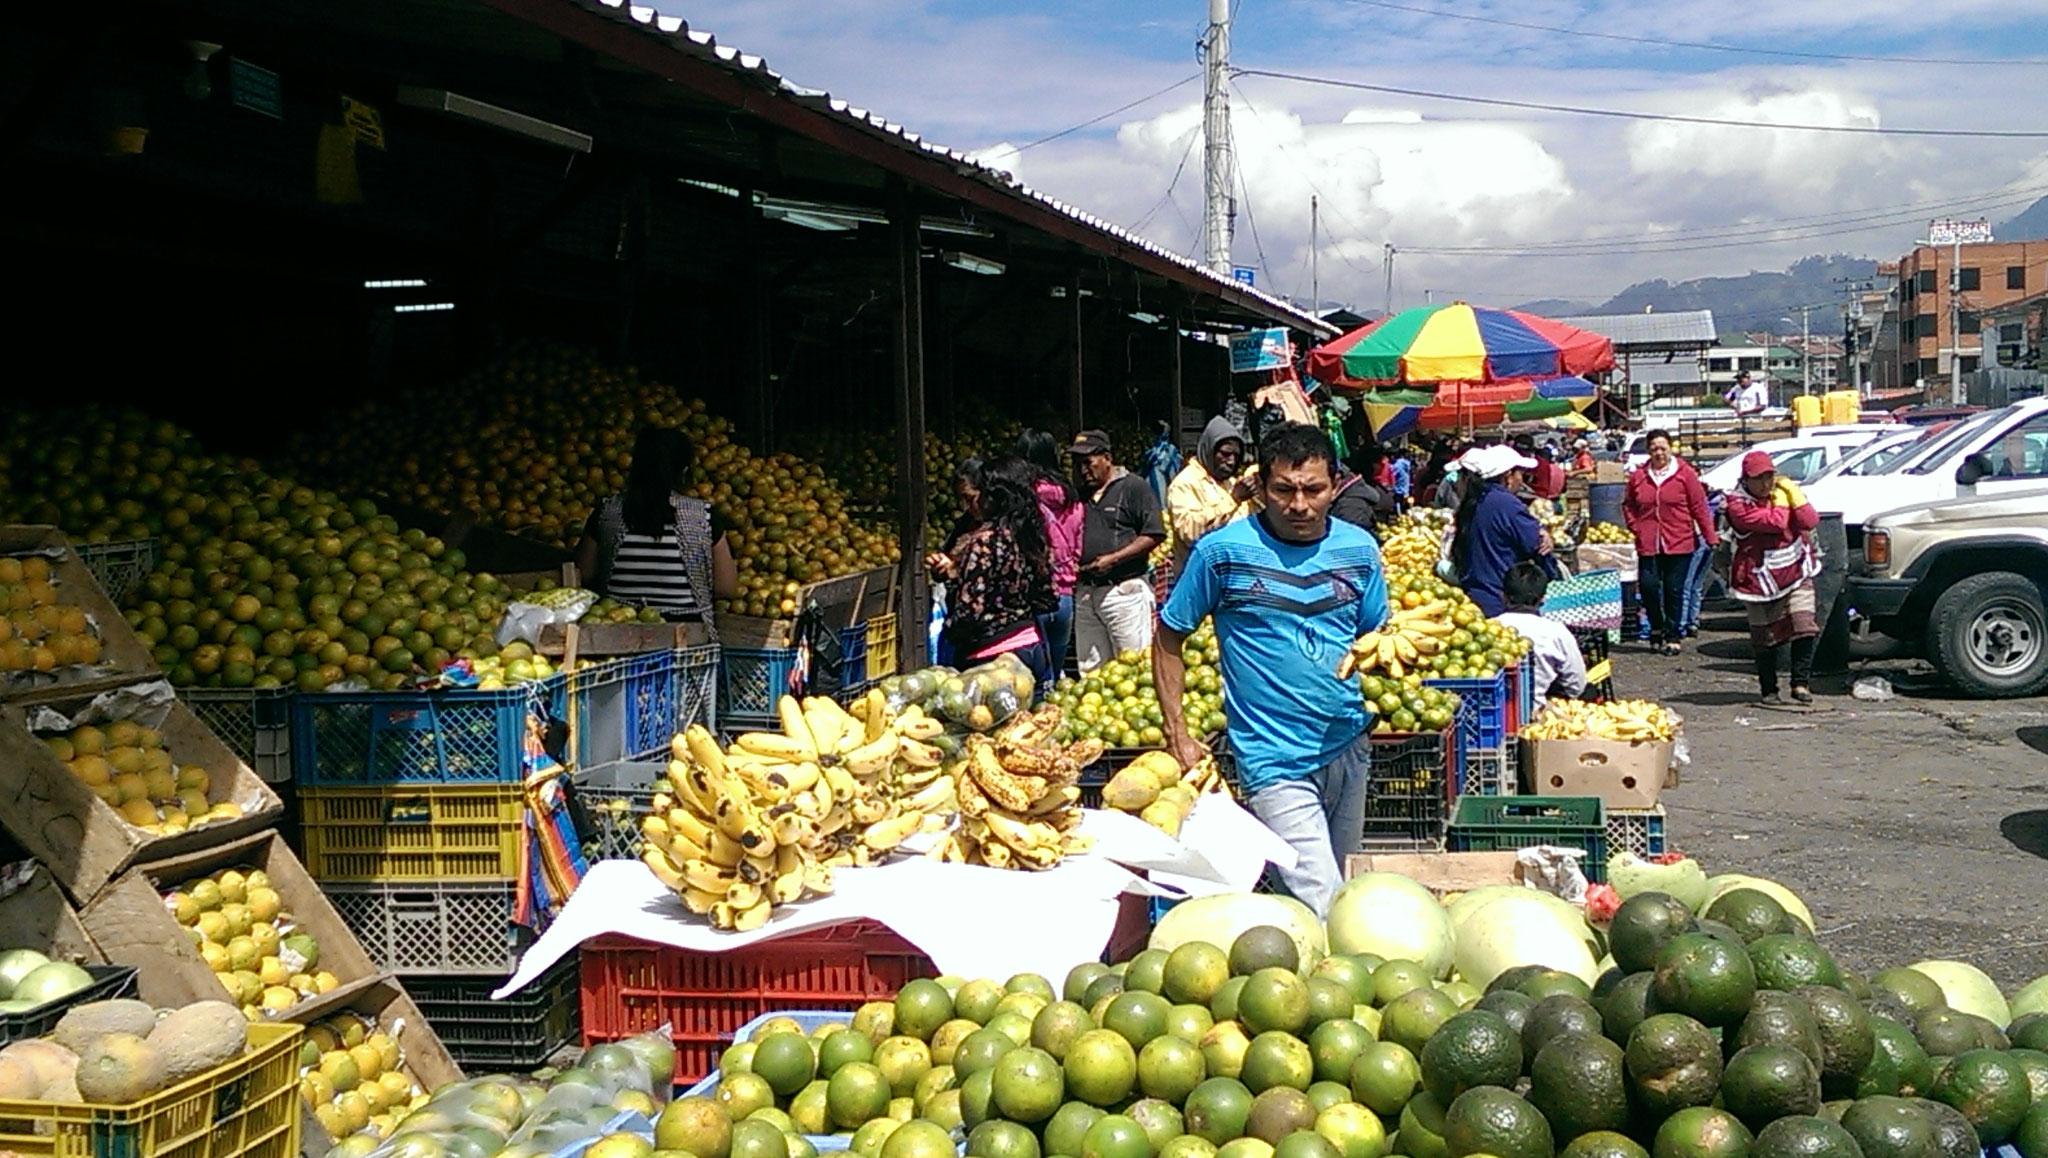 Markt in Cuenca. Wer will Orangen?